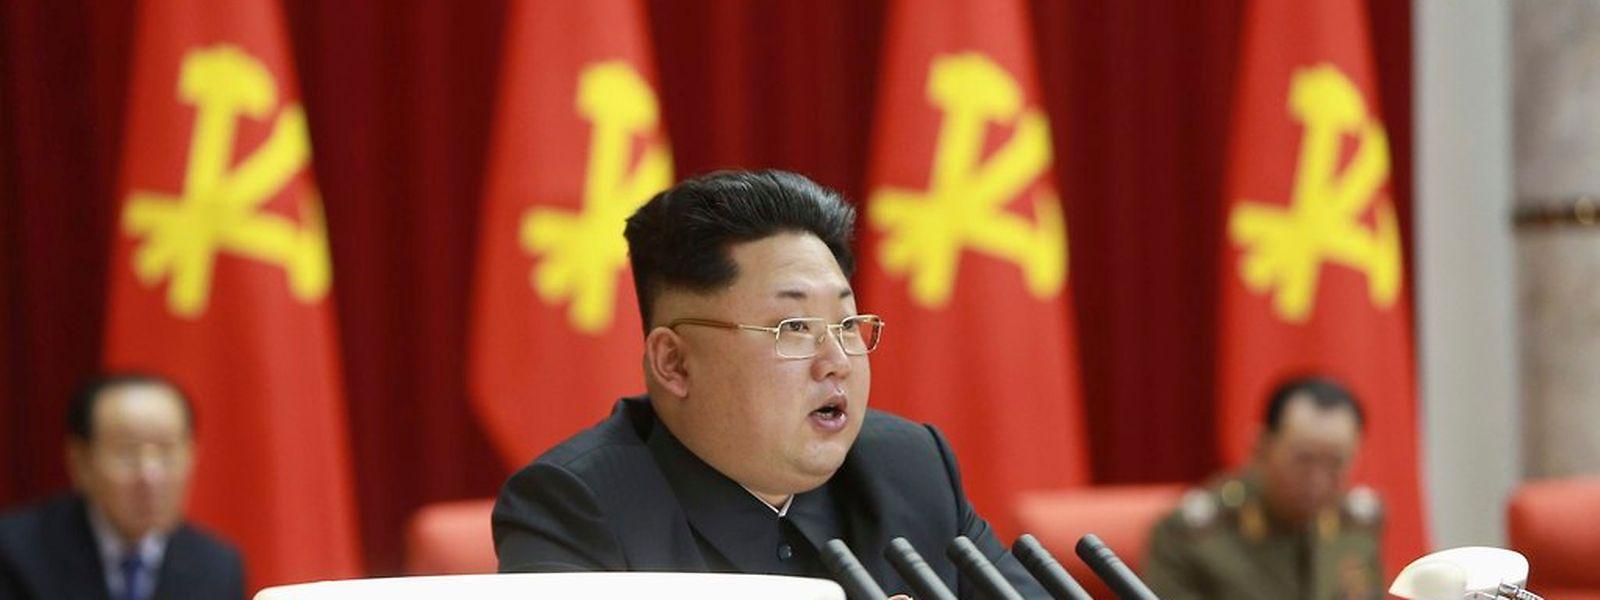 Nordkoreas Machthaber Kim Jong Un sorgt sich um die Gesundheit seiner Bevölkerung.